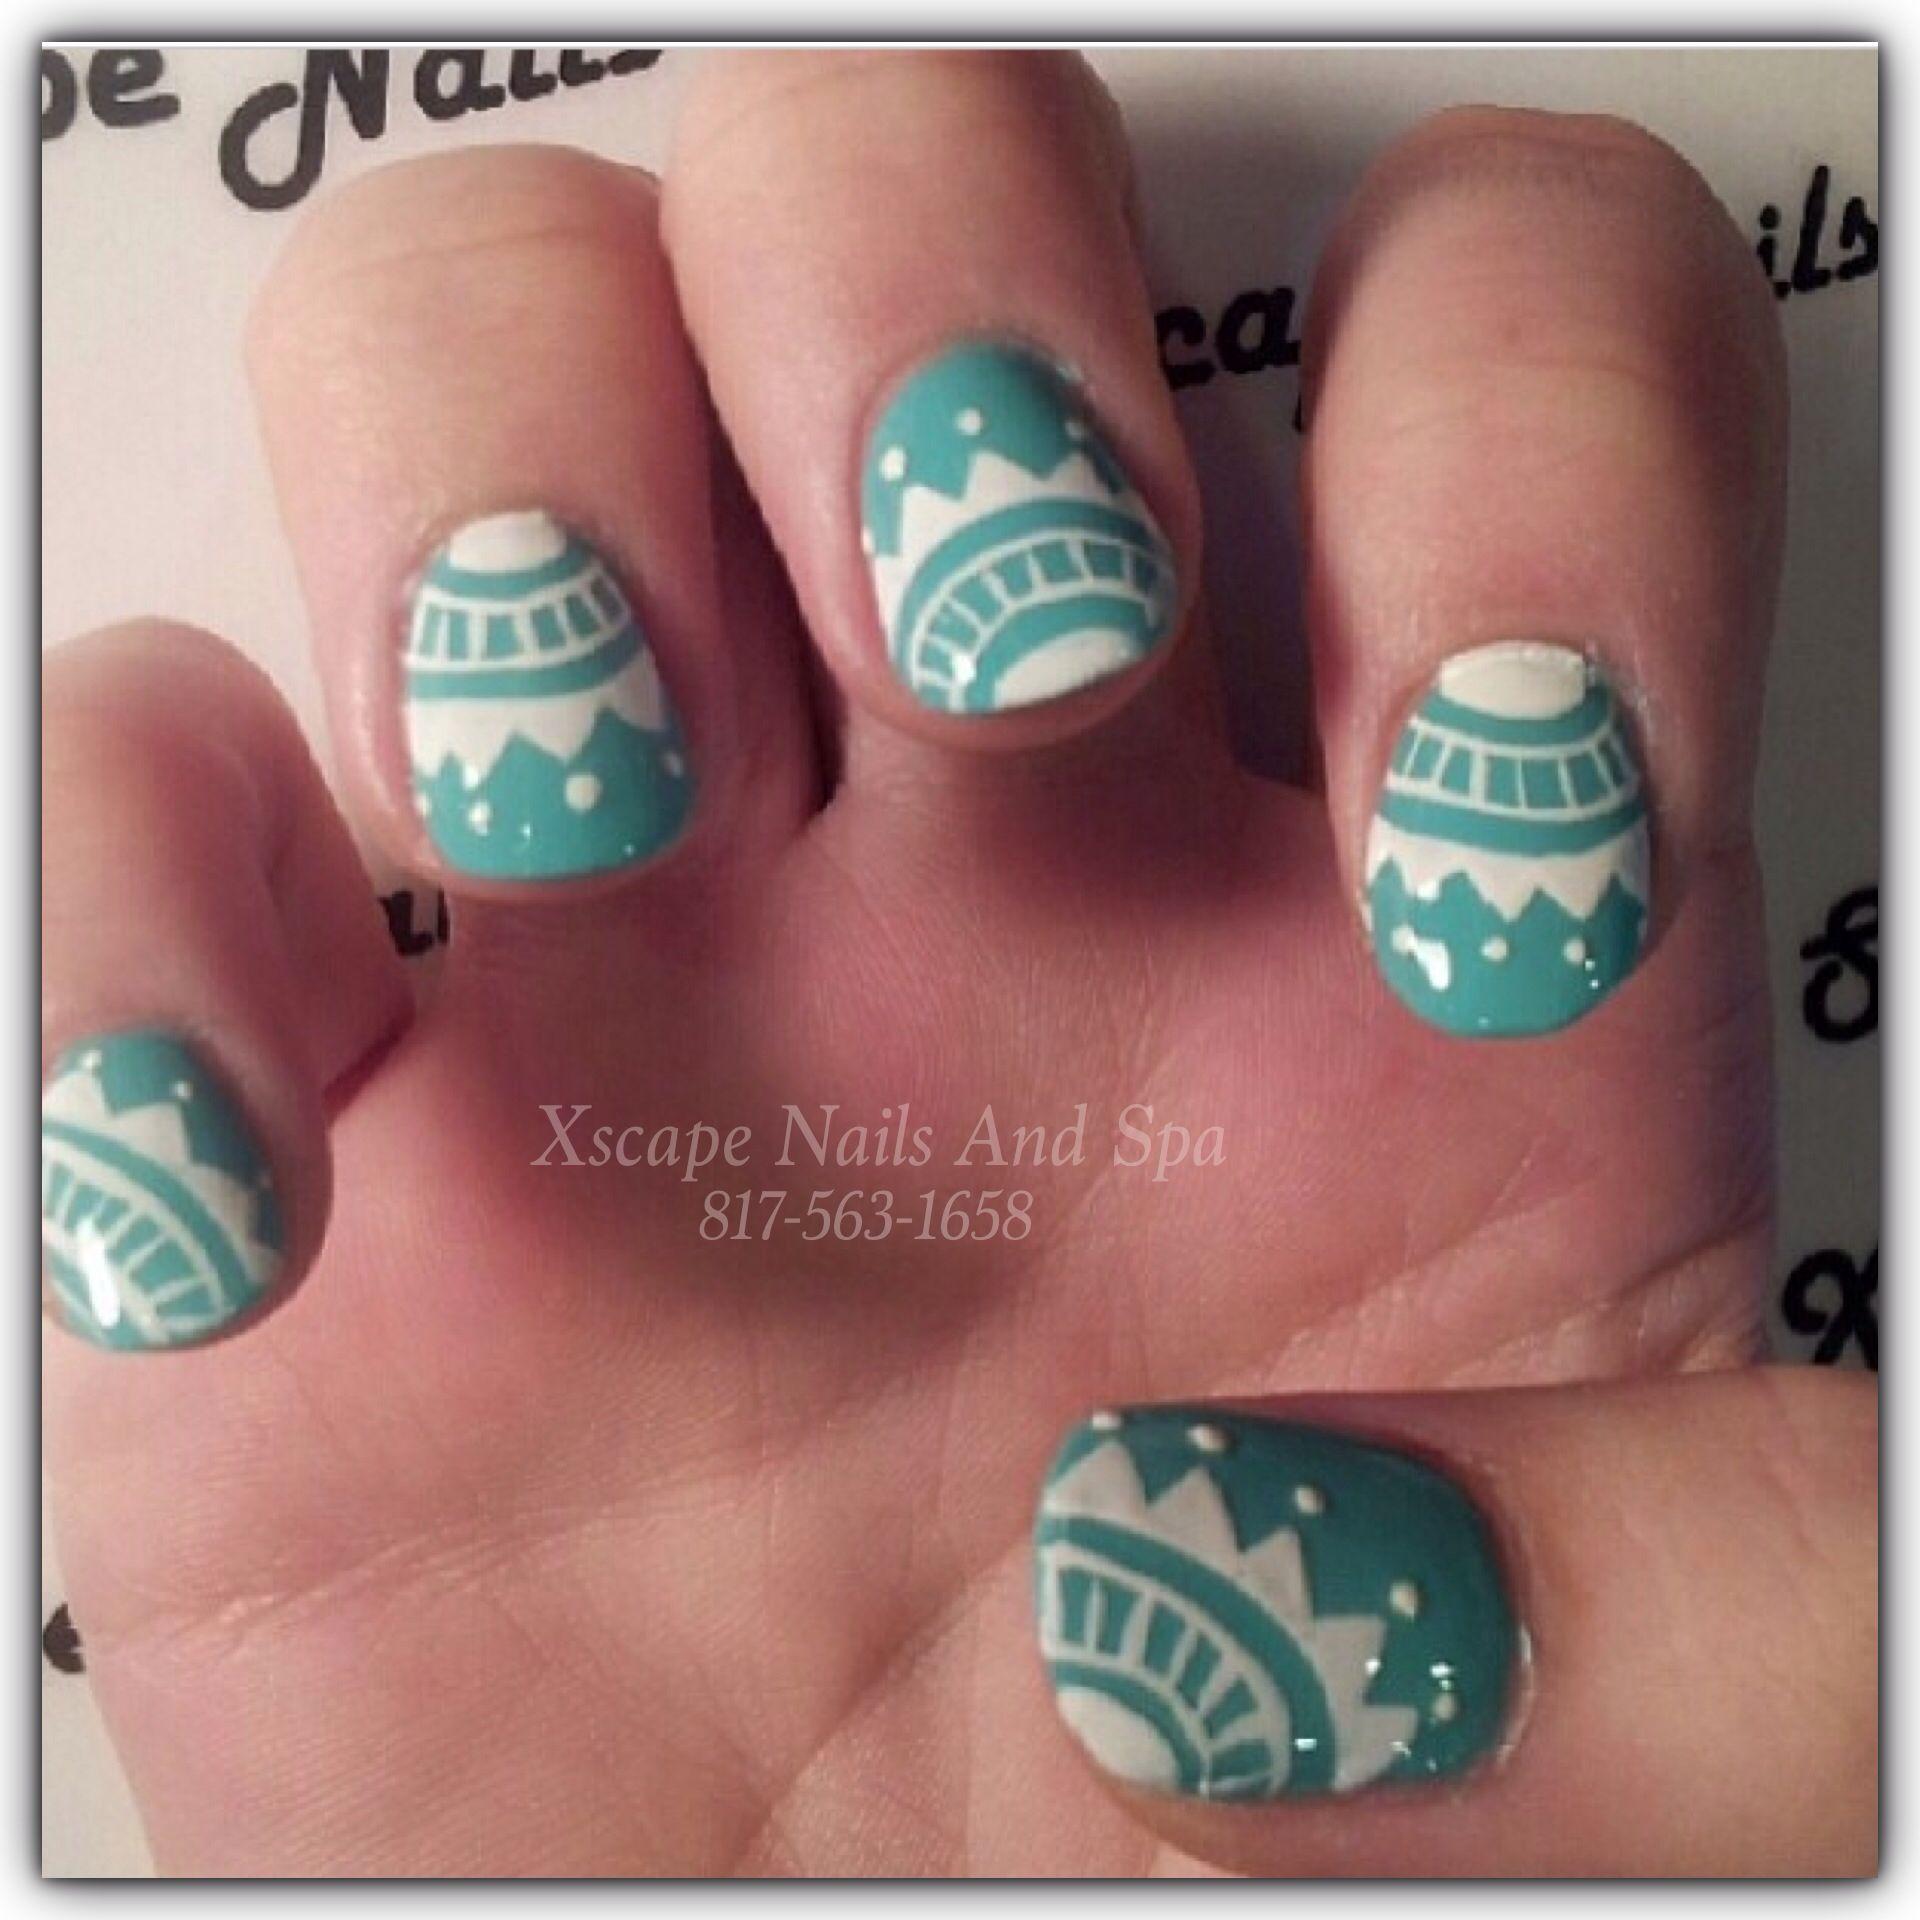 Aztec Toe Nail Designs - Nails Gallery